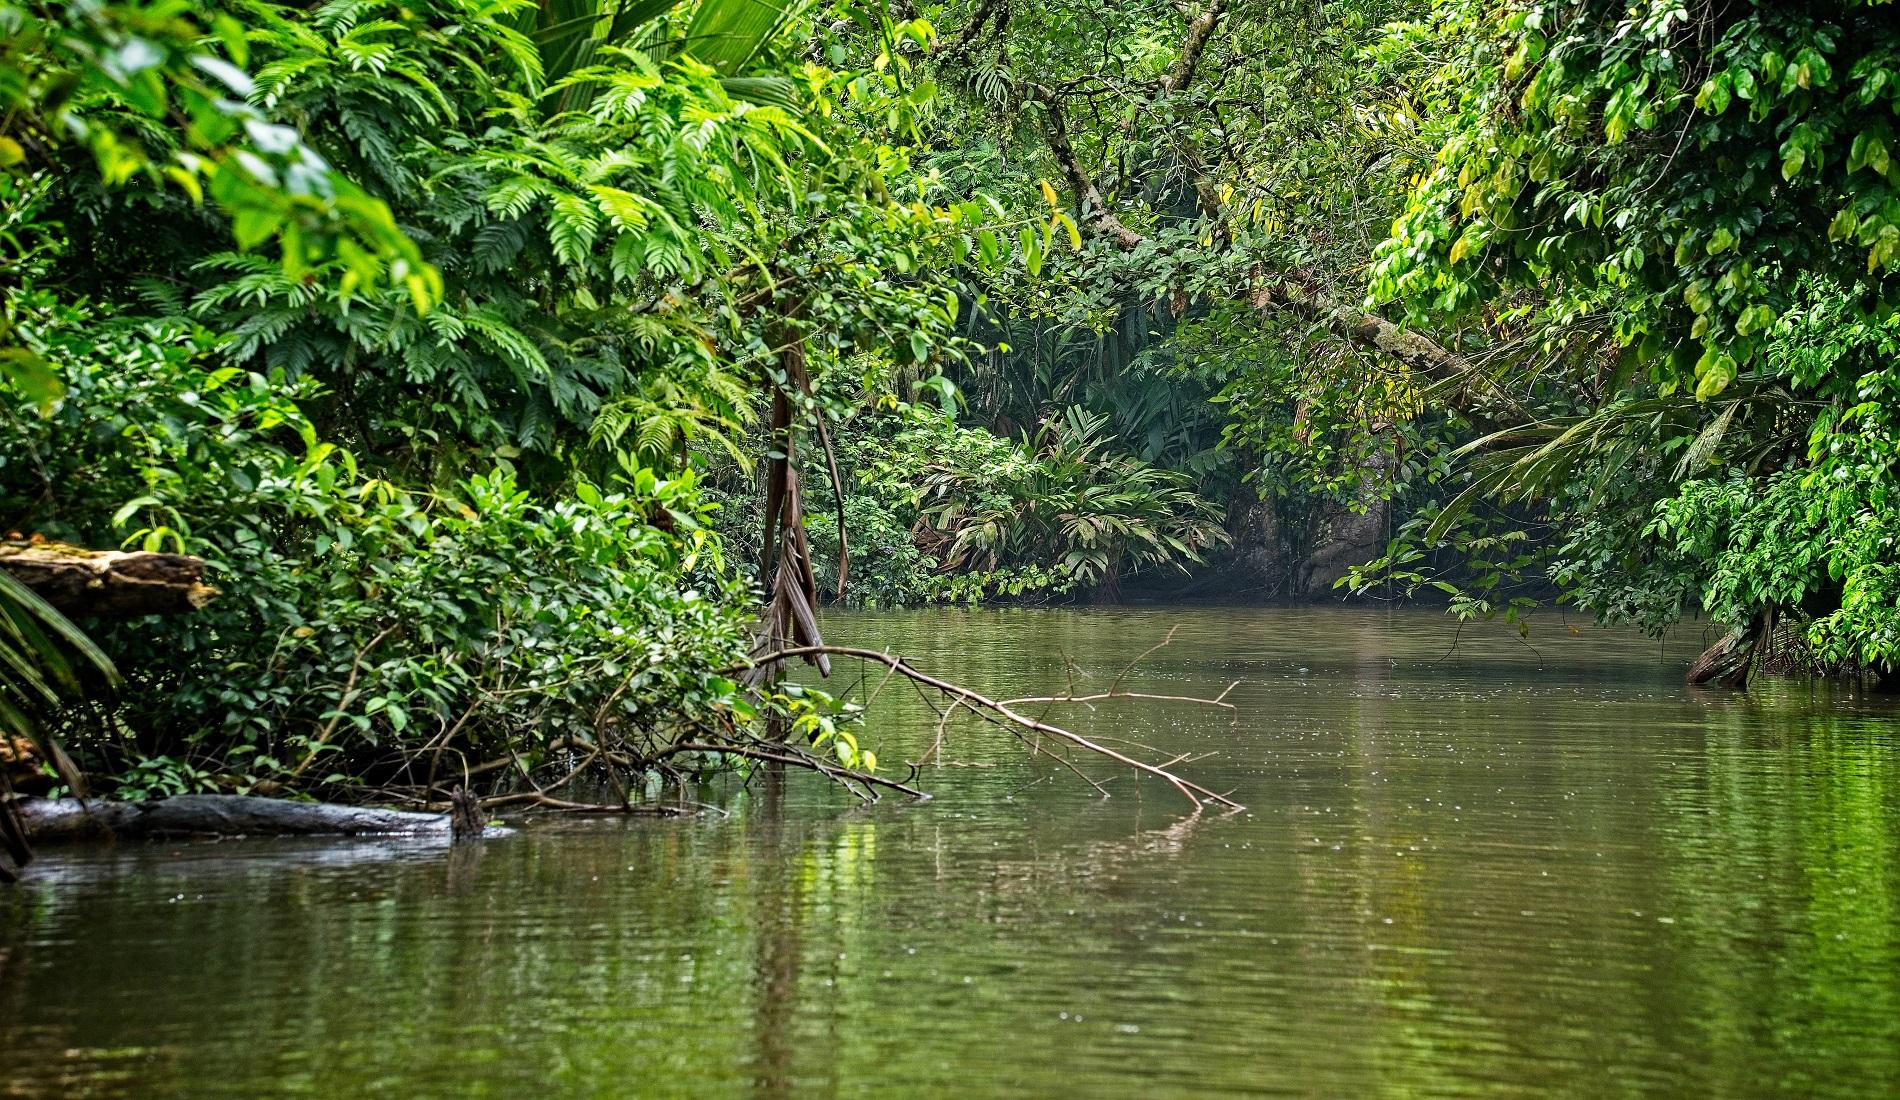 costa rica september regenwoud